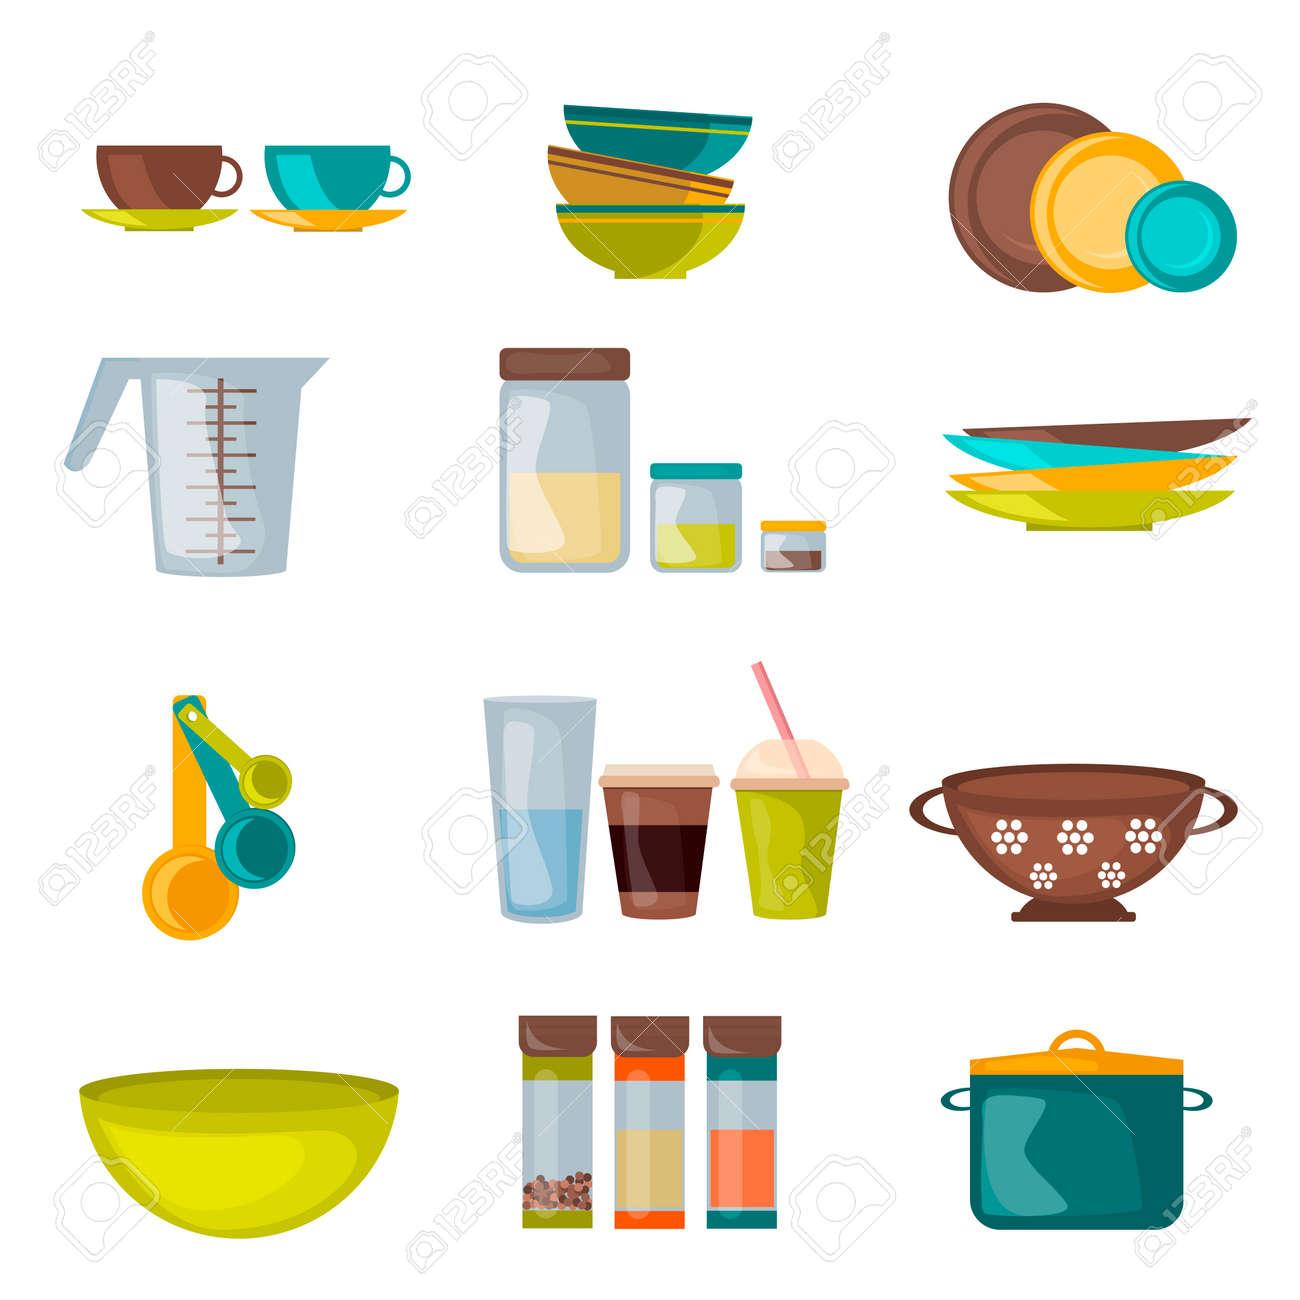 Utensilios De Cocina Y Utensilios Vector Plana. Equipos De Cocina Y ...